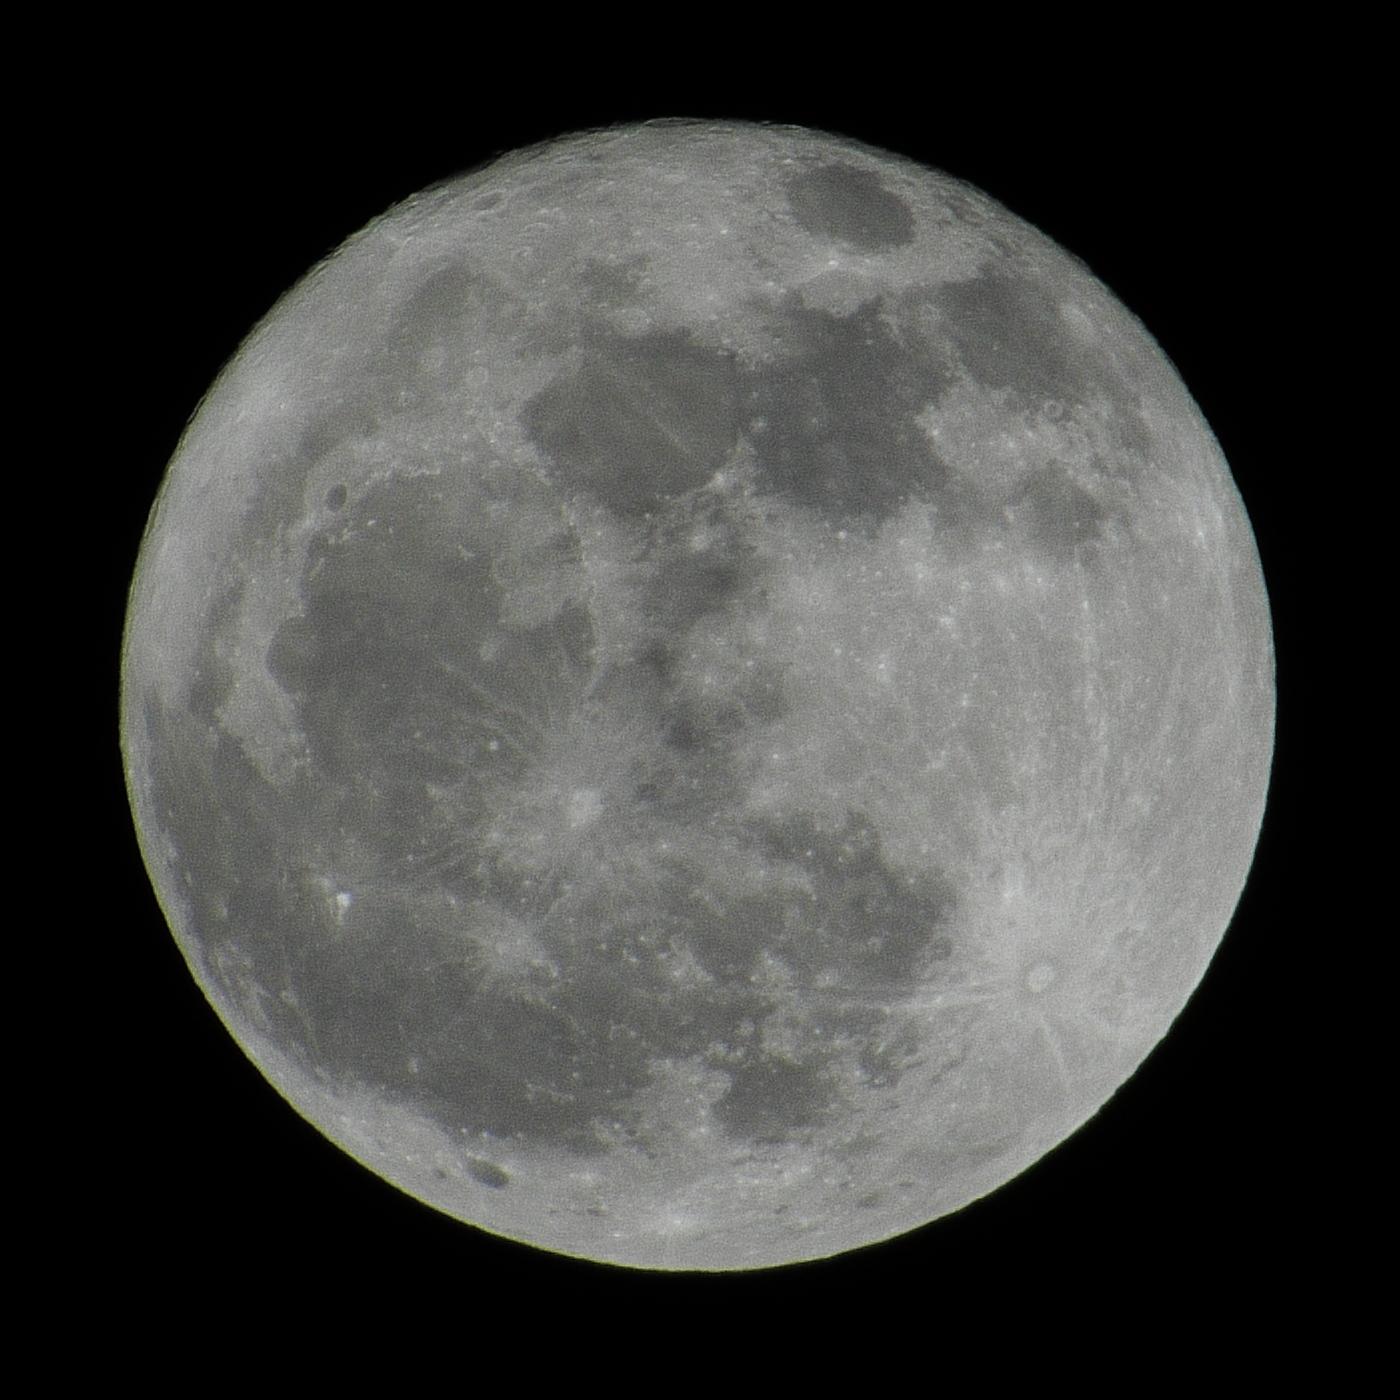 満月 今夜の箱根は空気が澄んでいて満月が綺麗に見えました。 【インフォメーショ...  箱根ガラ